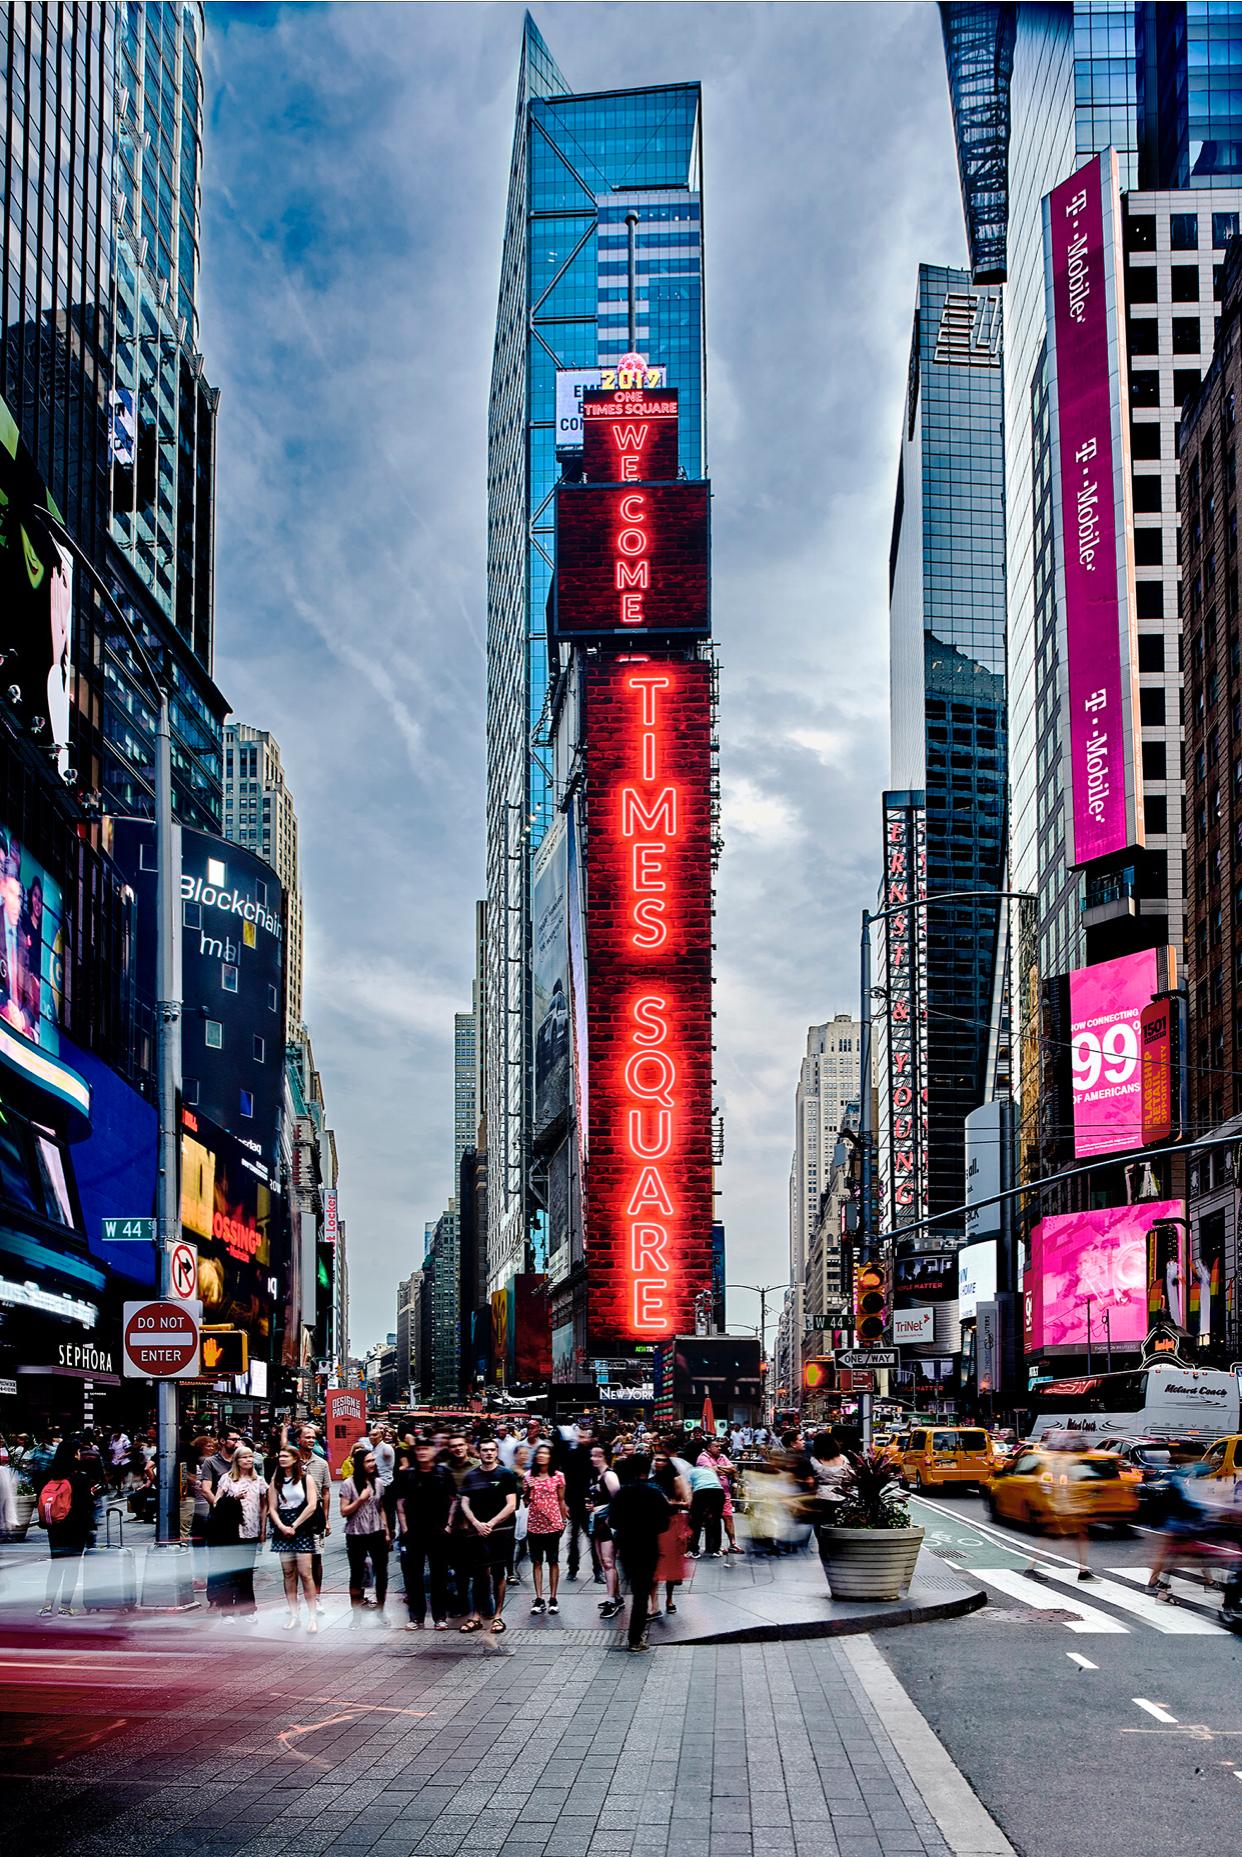 Samsung le cambia la cara al corazón del Times Square  con nuevas pantallas LED